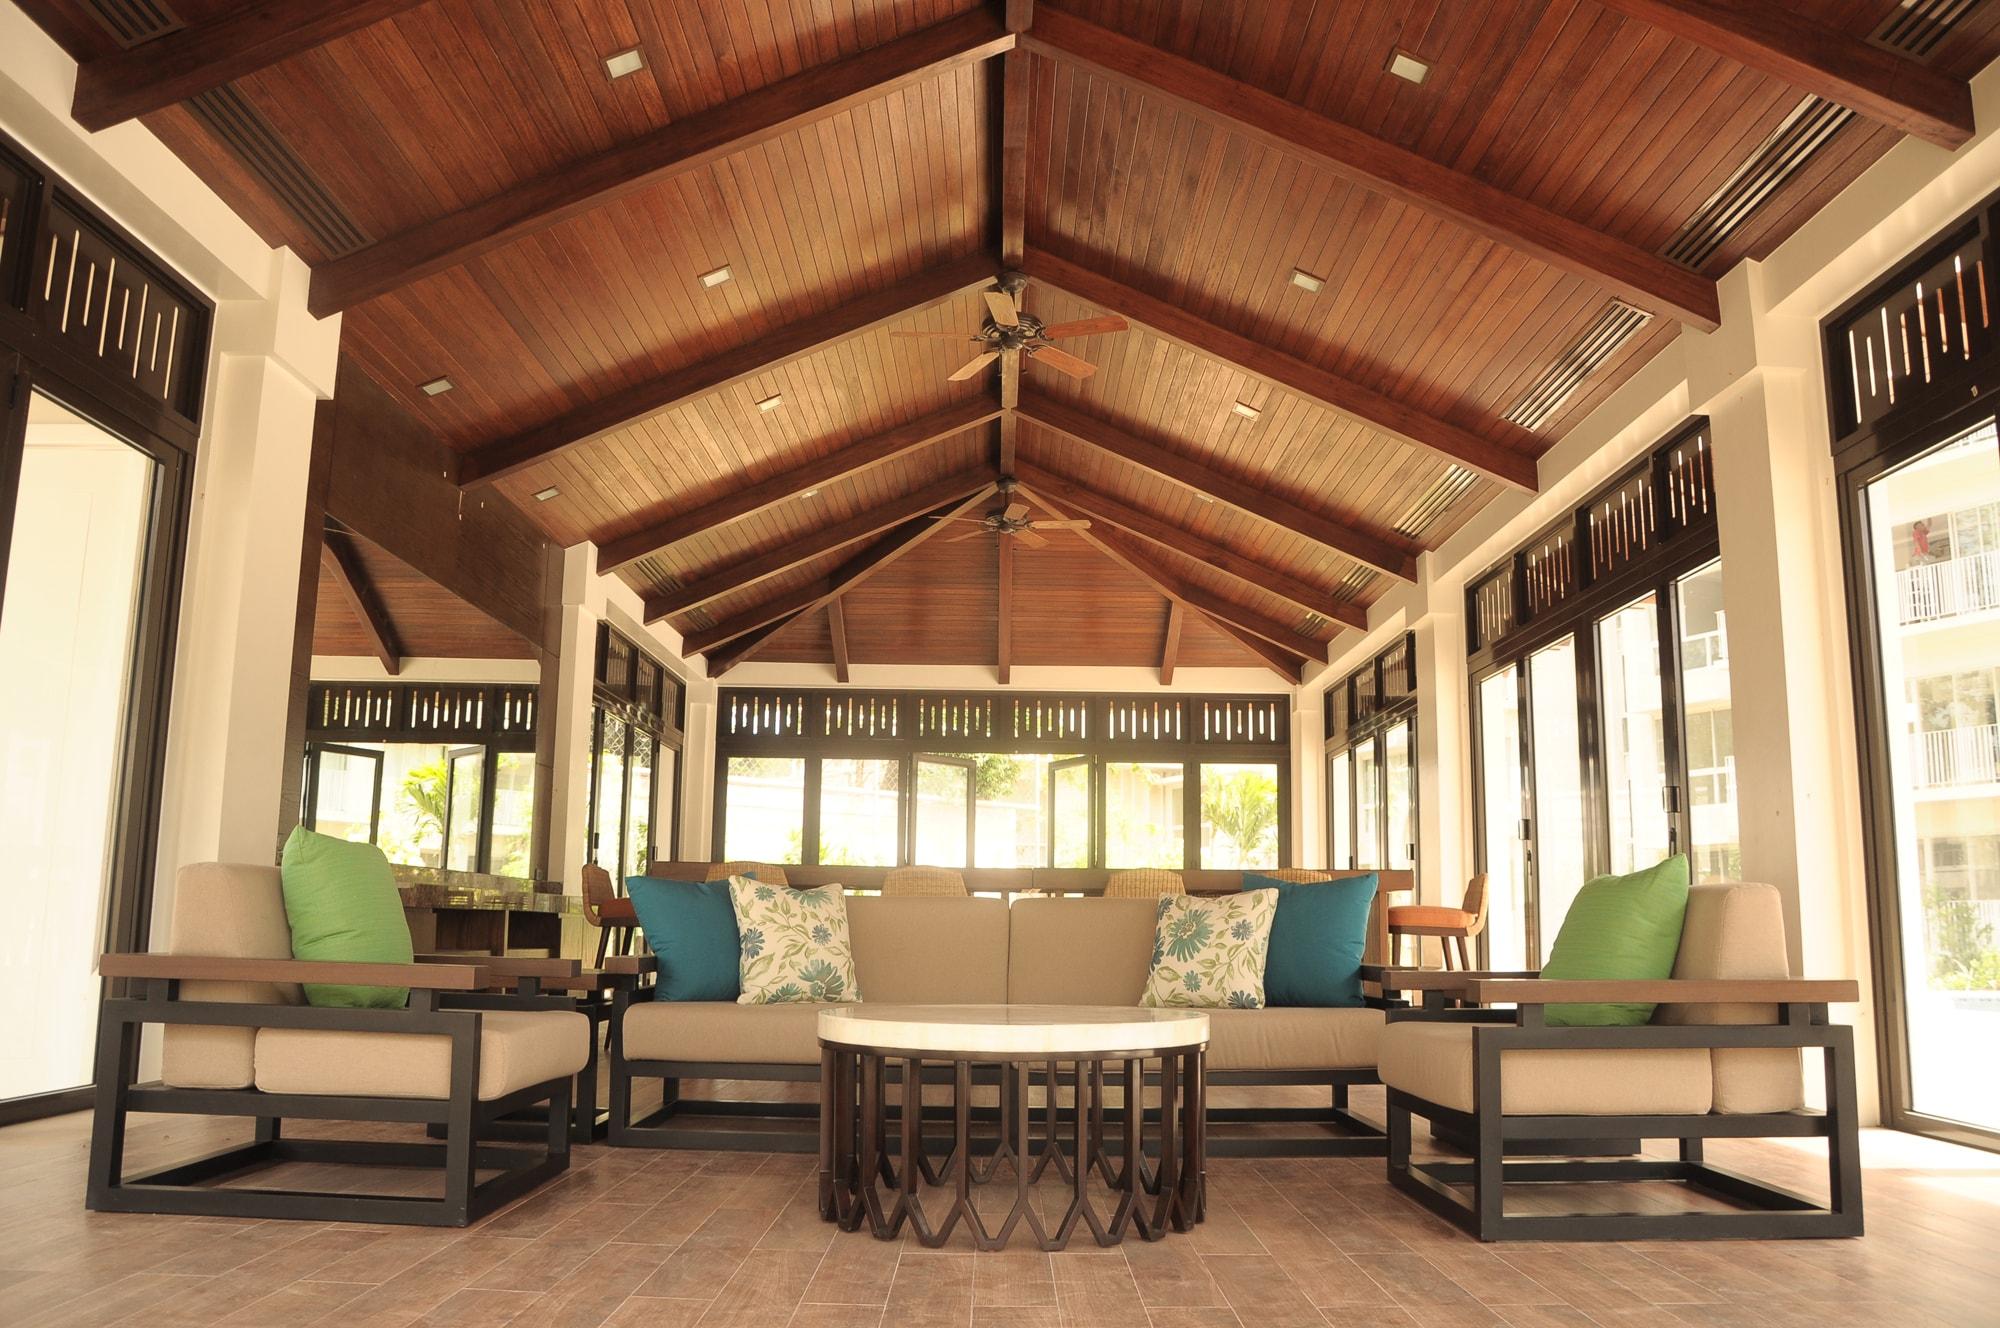 amenities-banner-min